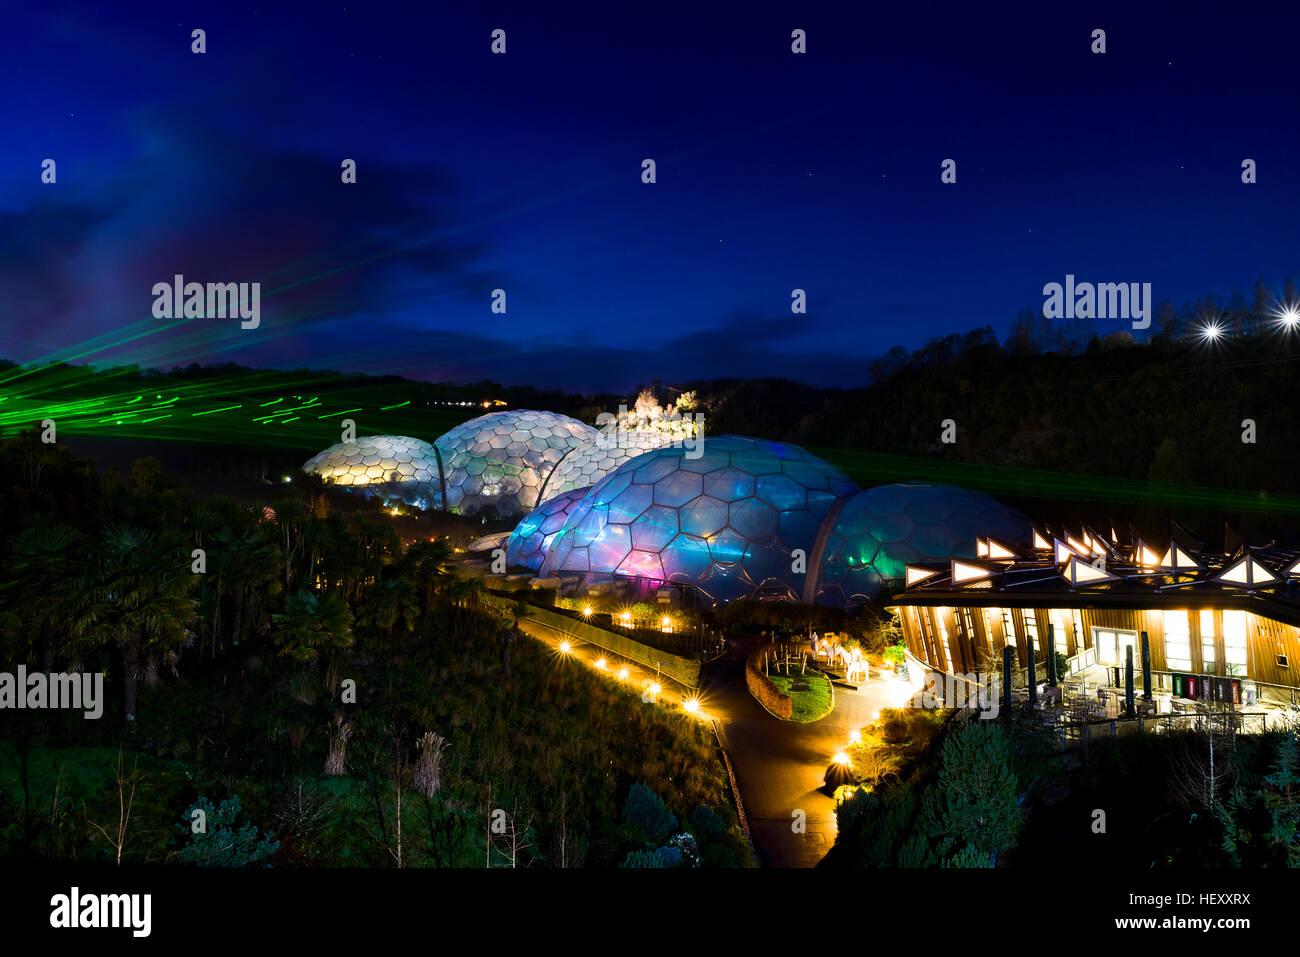 Projet Eden lumière et de son événement, Eden Project, Cornwall, UK prises tout au long de Décembre Photo Stock